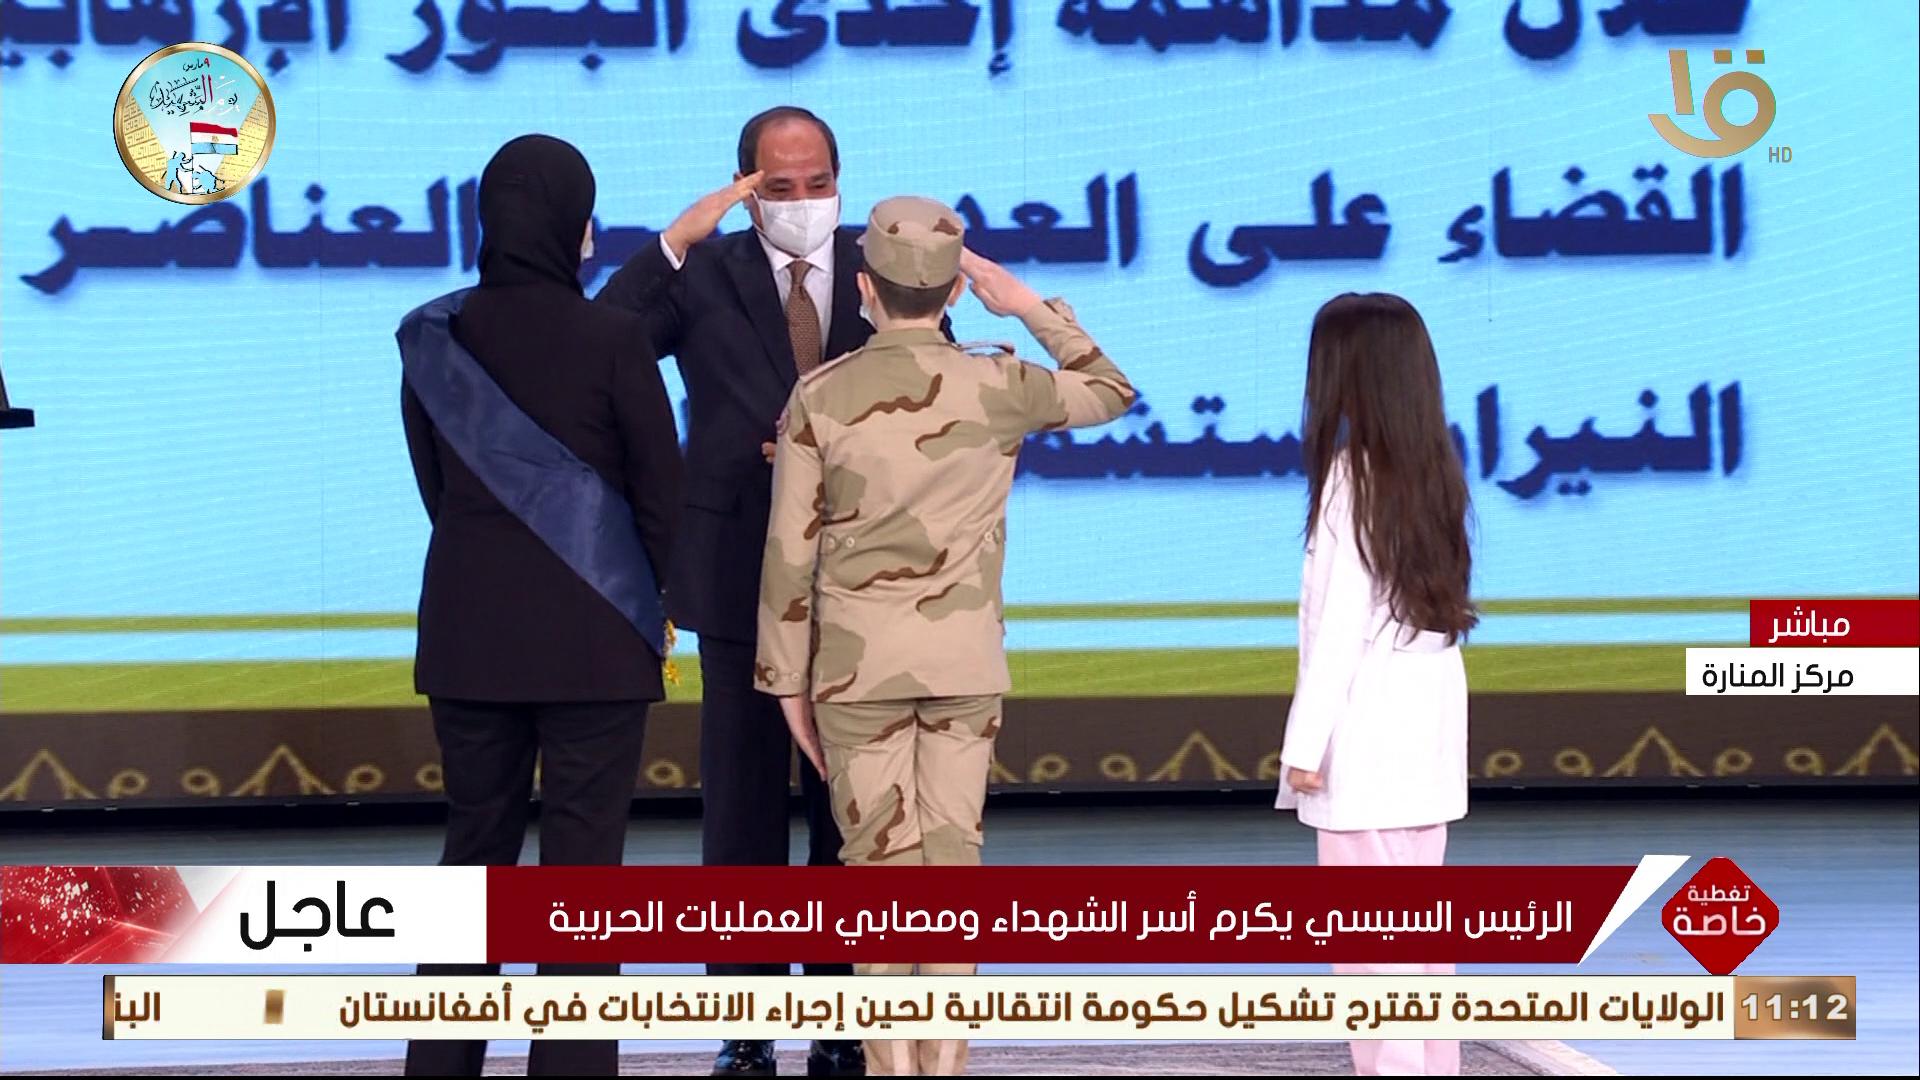 الرئيس السيسى يكرم نجل الشهيد